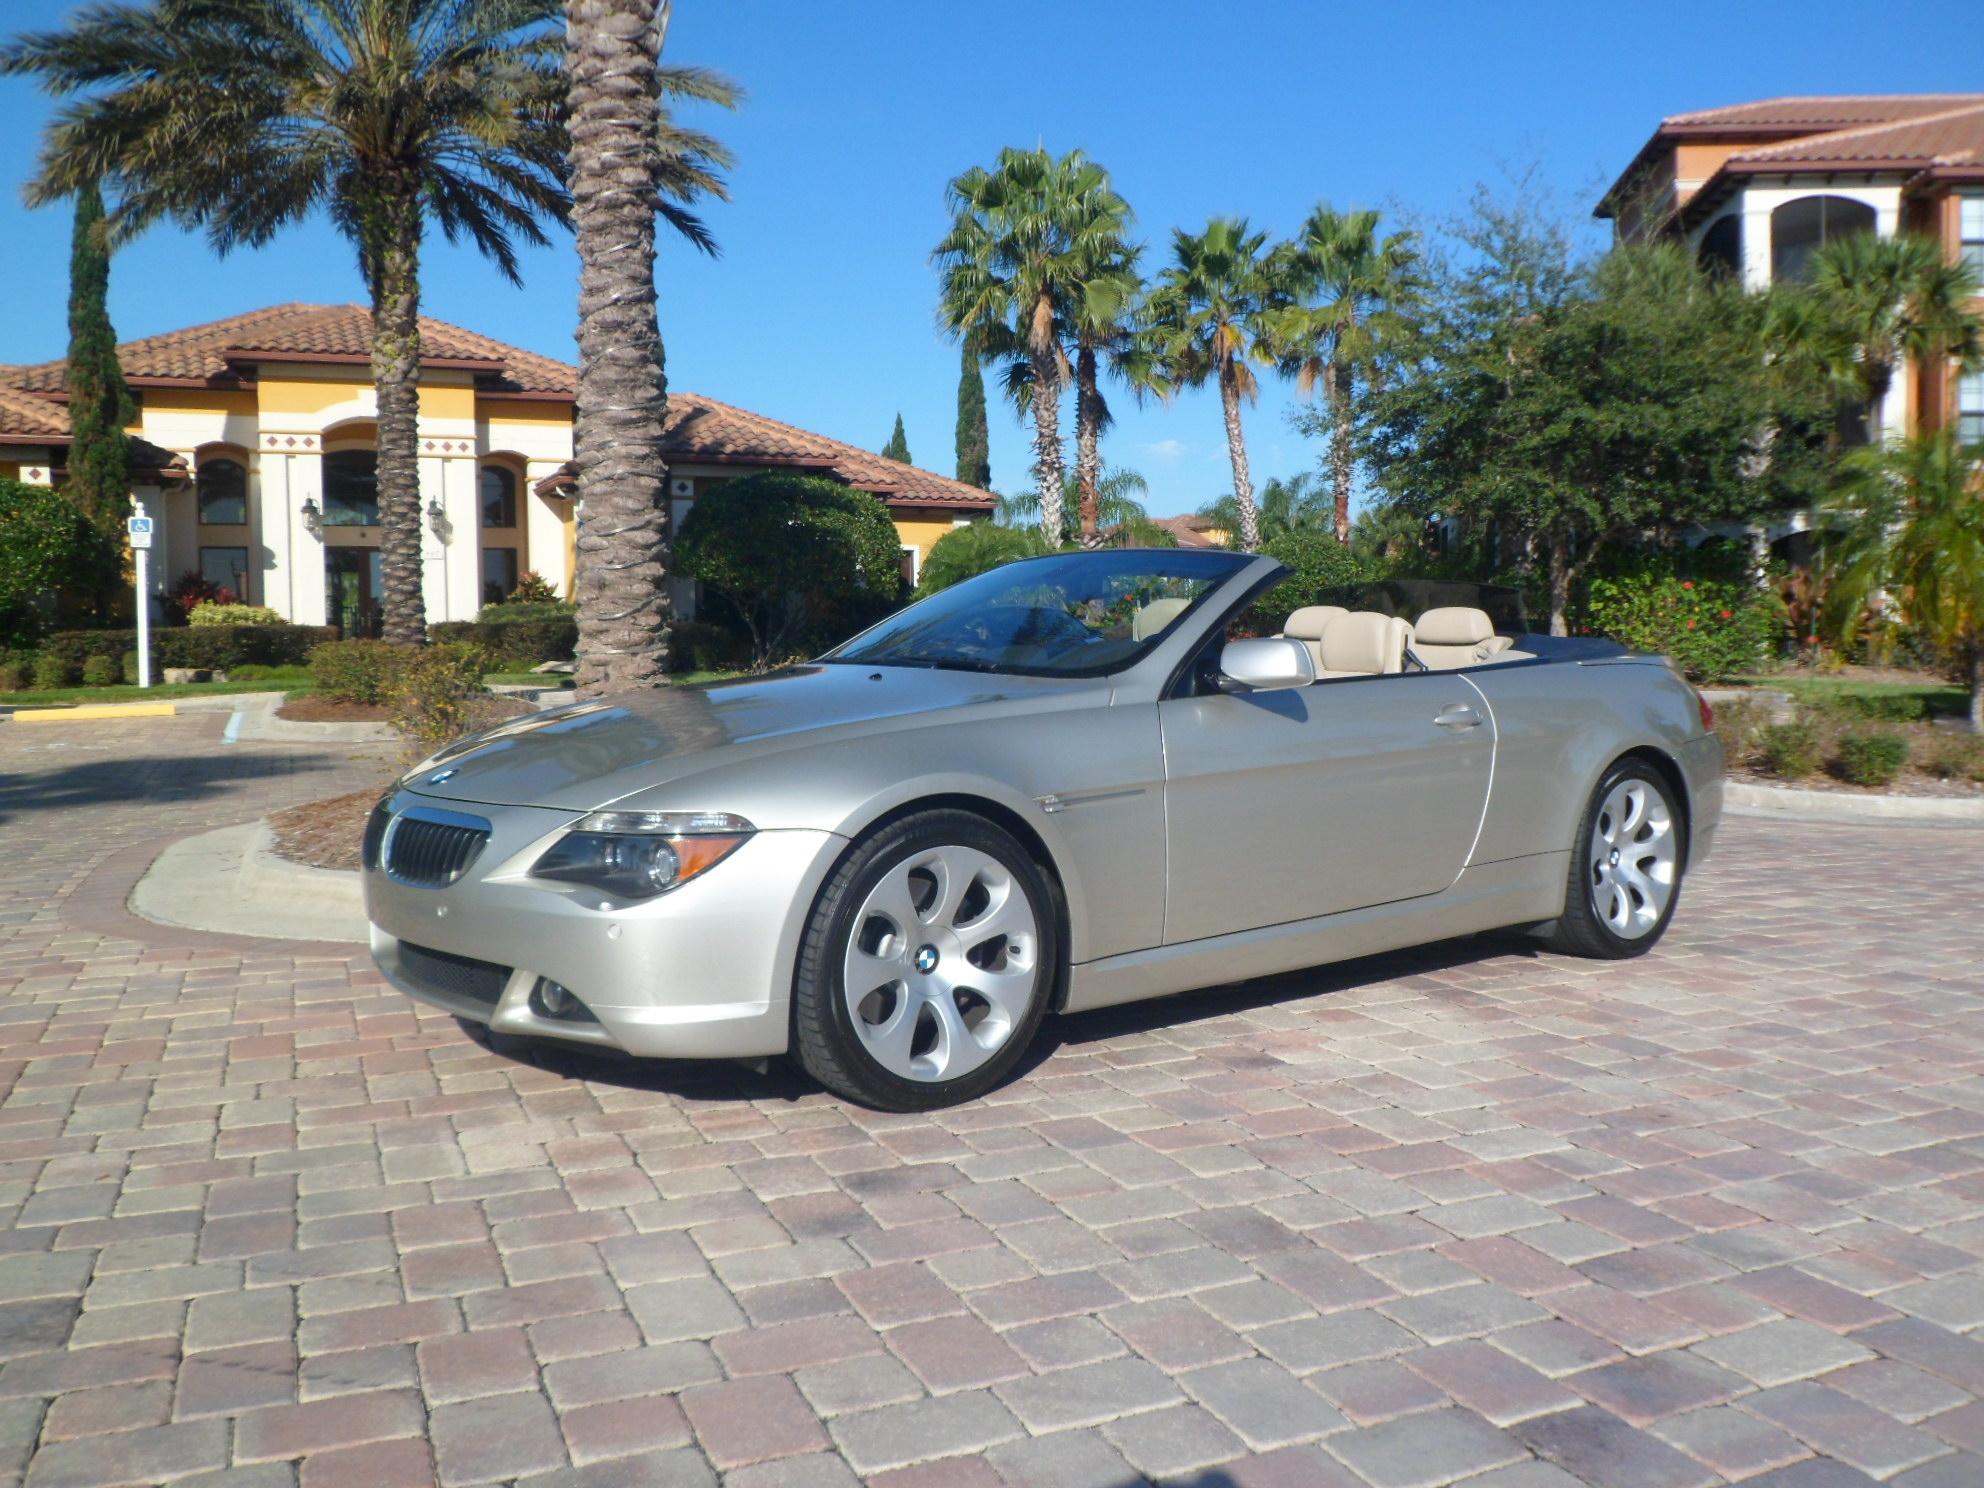 Srq Auto Llc In Tampa Fl 33604 Chamberofcommerce Com